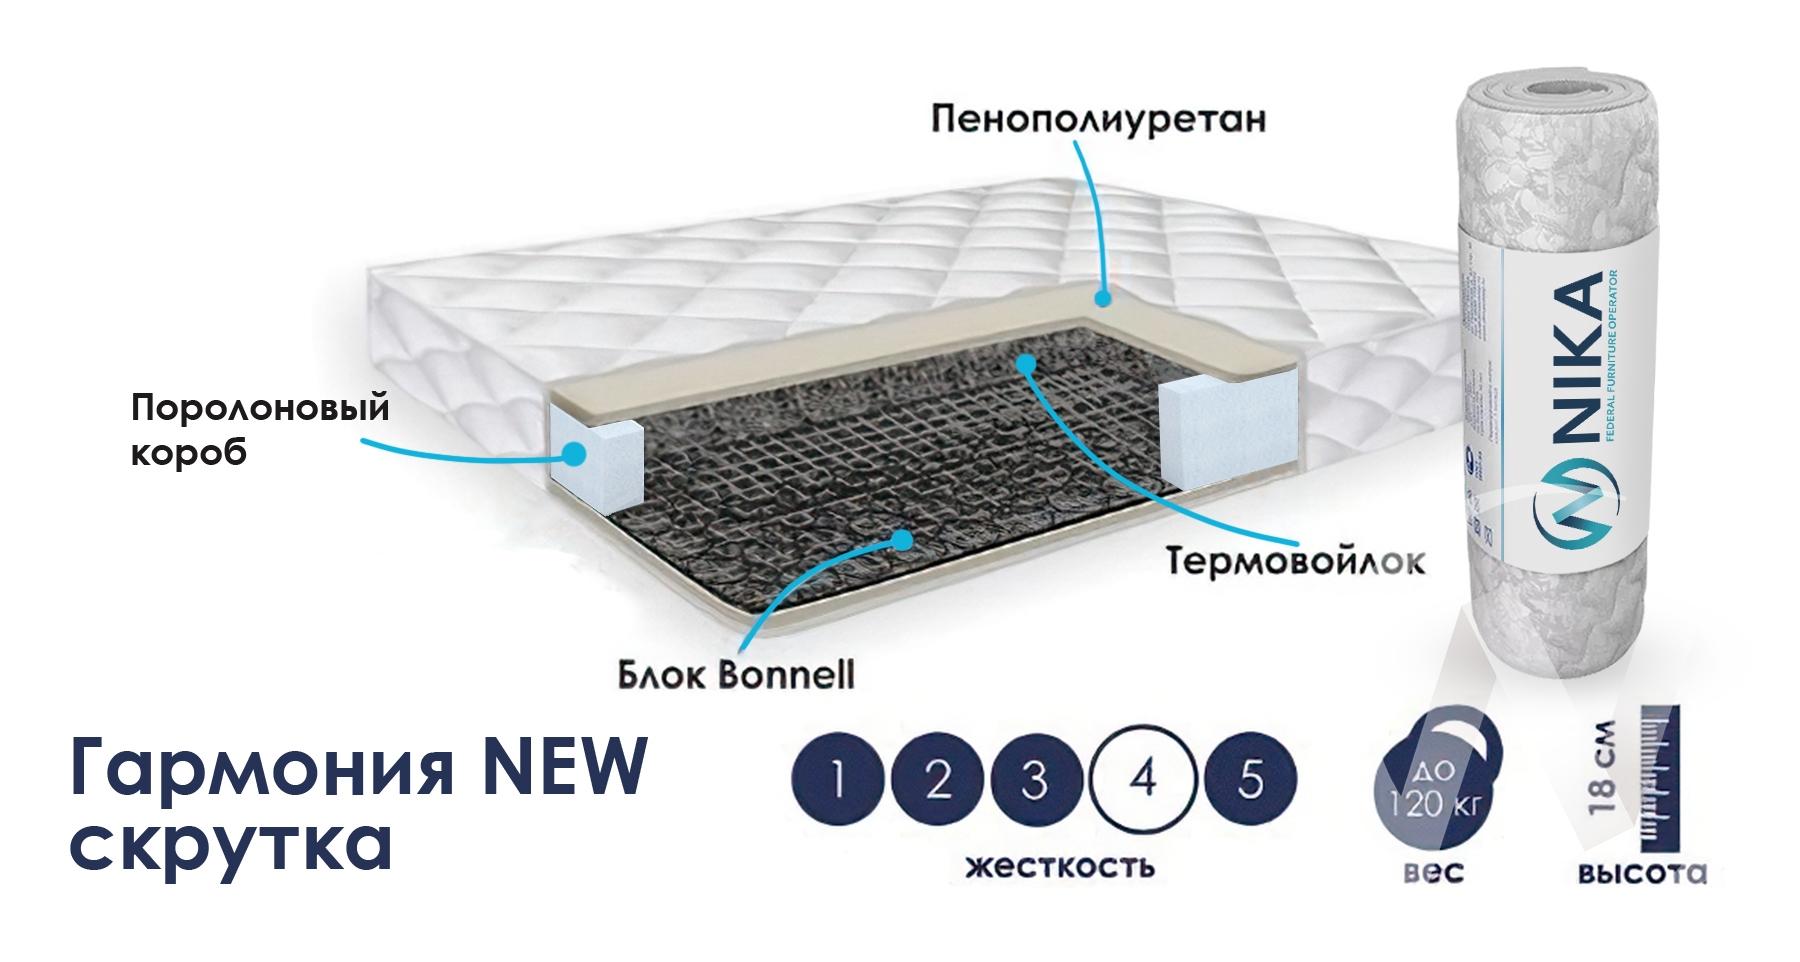 Матрас Гармония NEW (1200х2000) скрутка недорого в Томске — интернет-магазин авторской мебели Экостиль